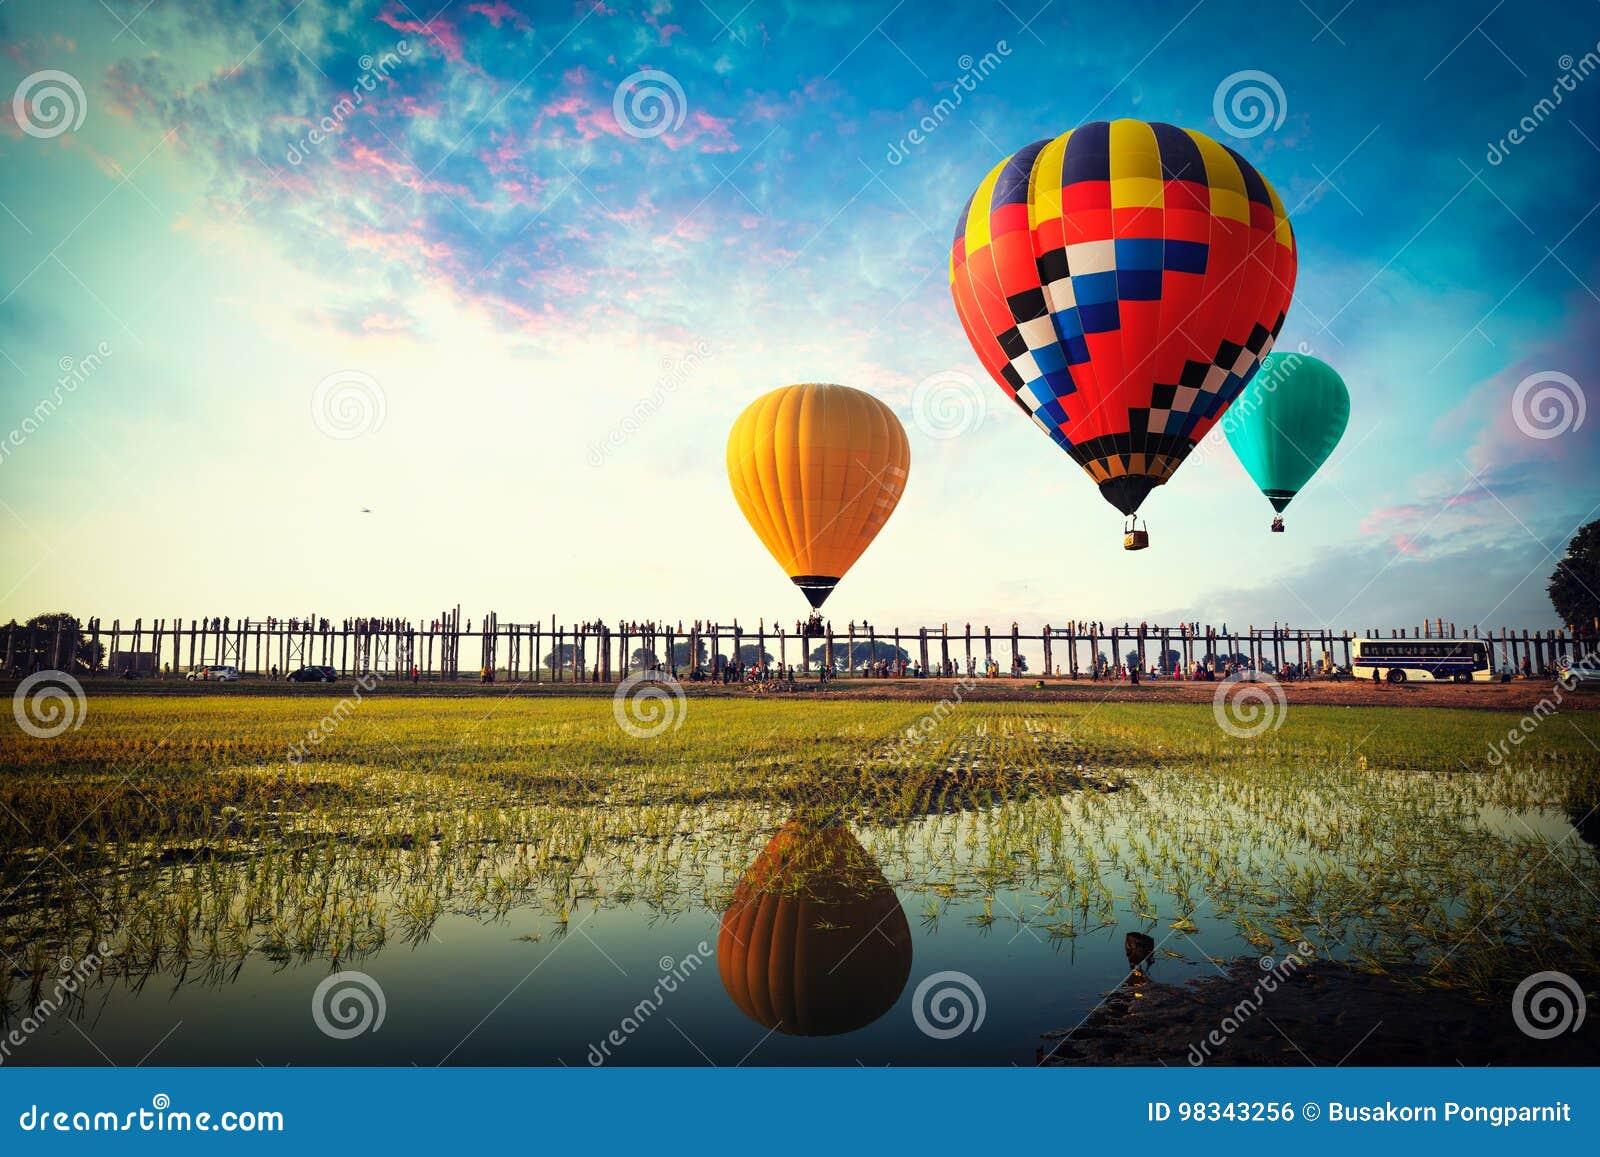 Kolorowi gorące powietrze balony lata nad u-bein mostem przy Burma